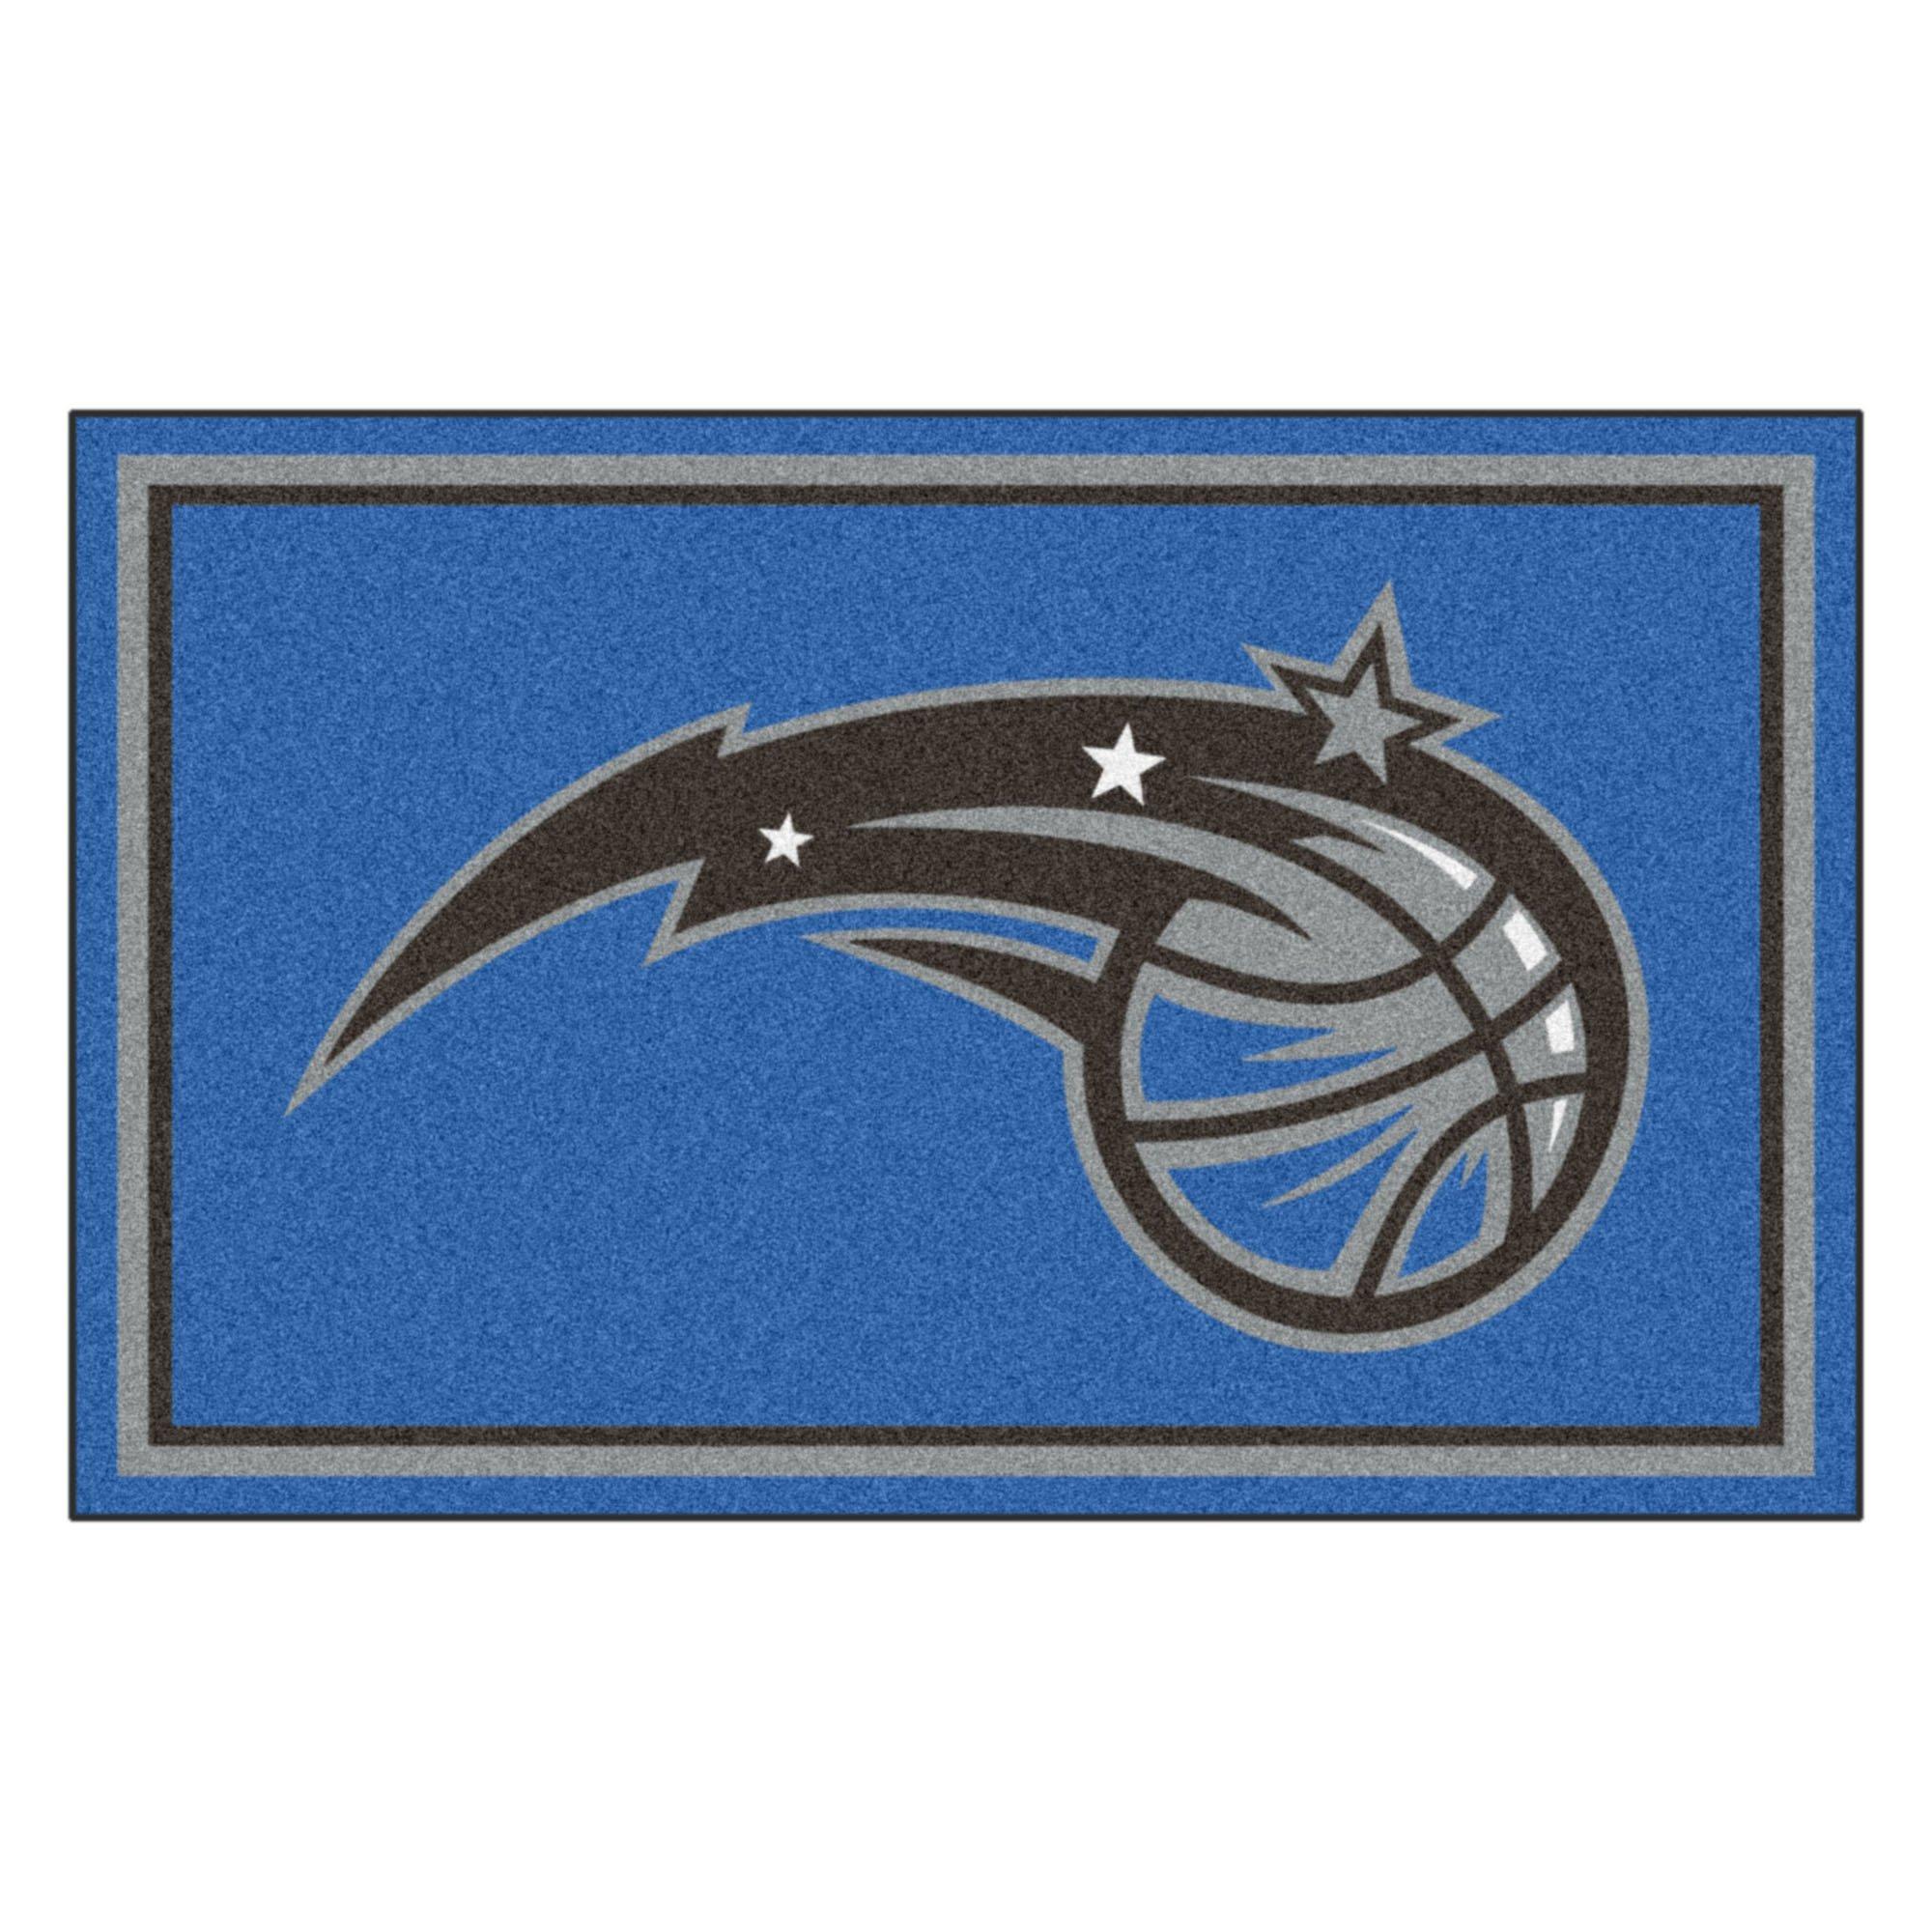 FANMATS 20439 44''x71'' Team Color NBA - Orlando Magic Rug